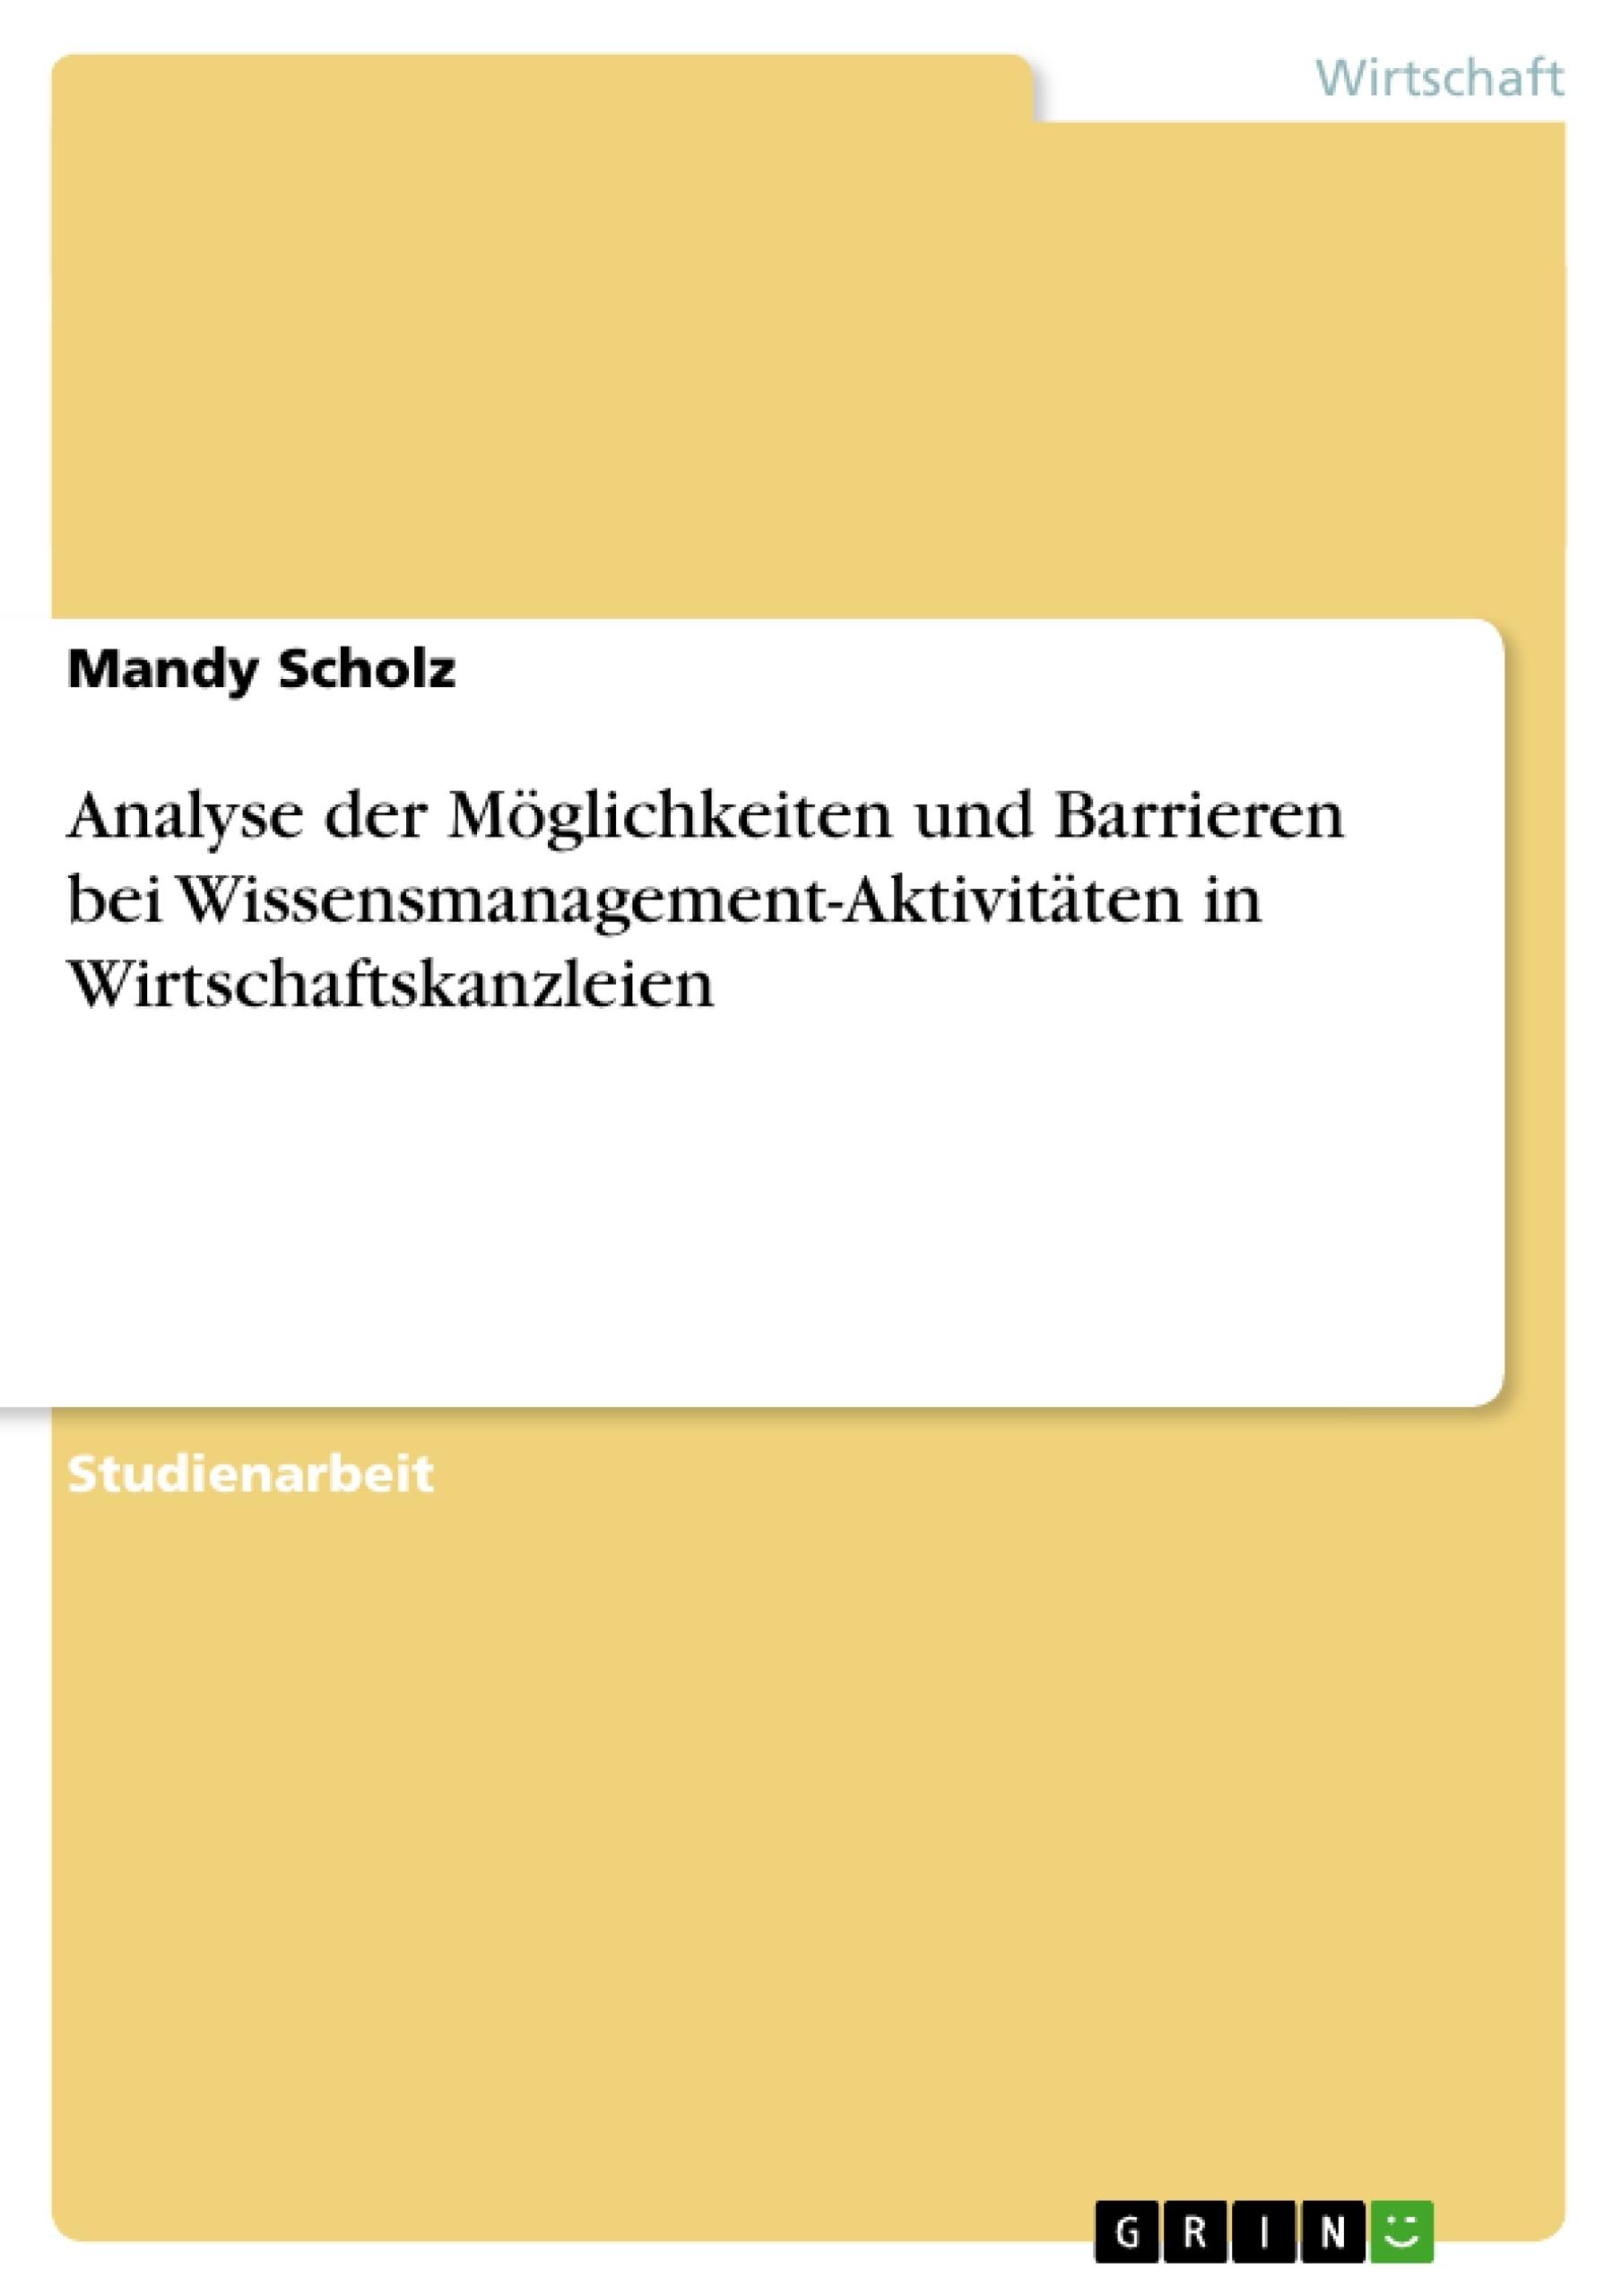 Titel: Analyse der Möglichkeiten und Barrieren bei Wissensmanagement-Aktivitäten in Wirtschaftskanzleien